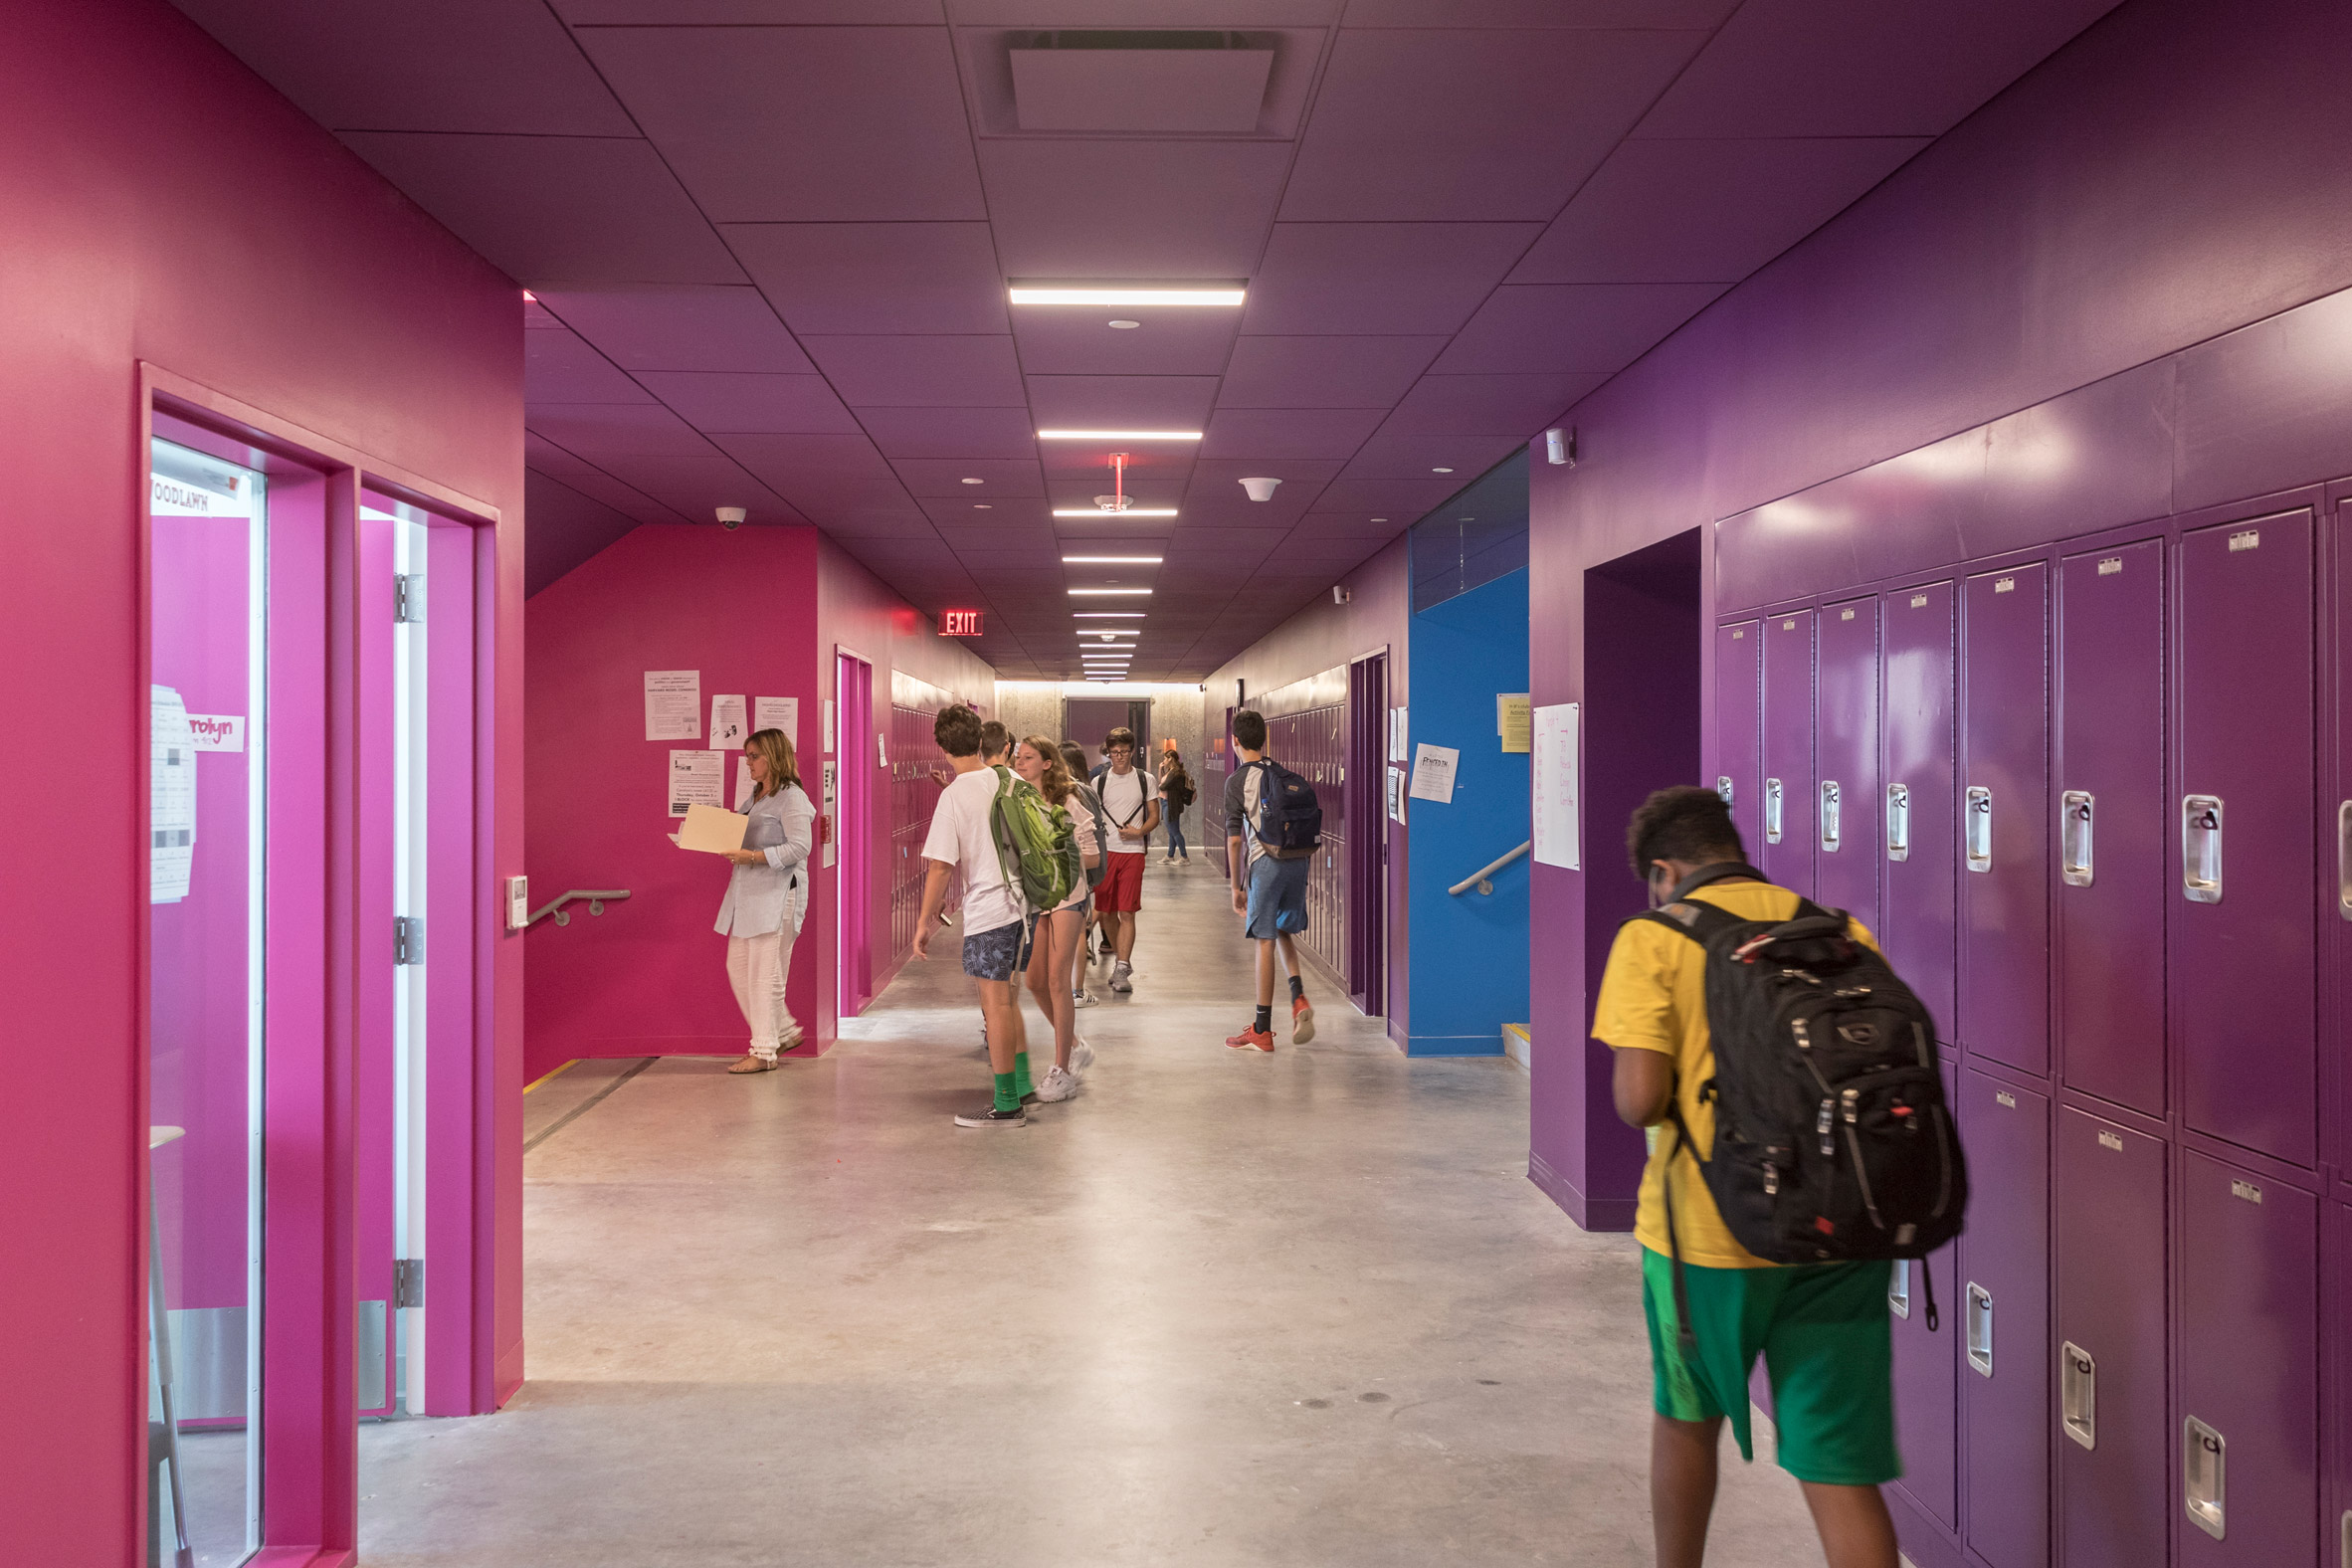 Thiết kế ánh sáng trong phòng học 13